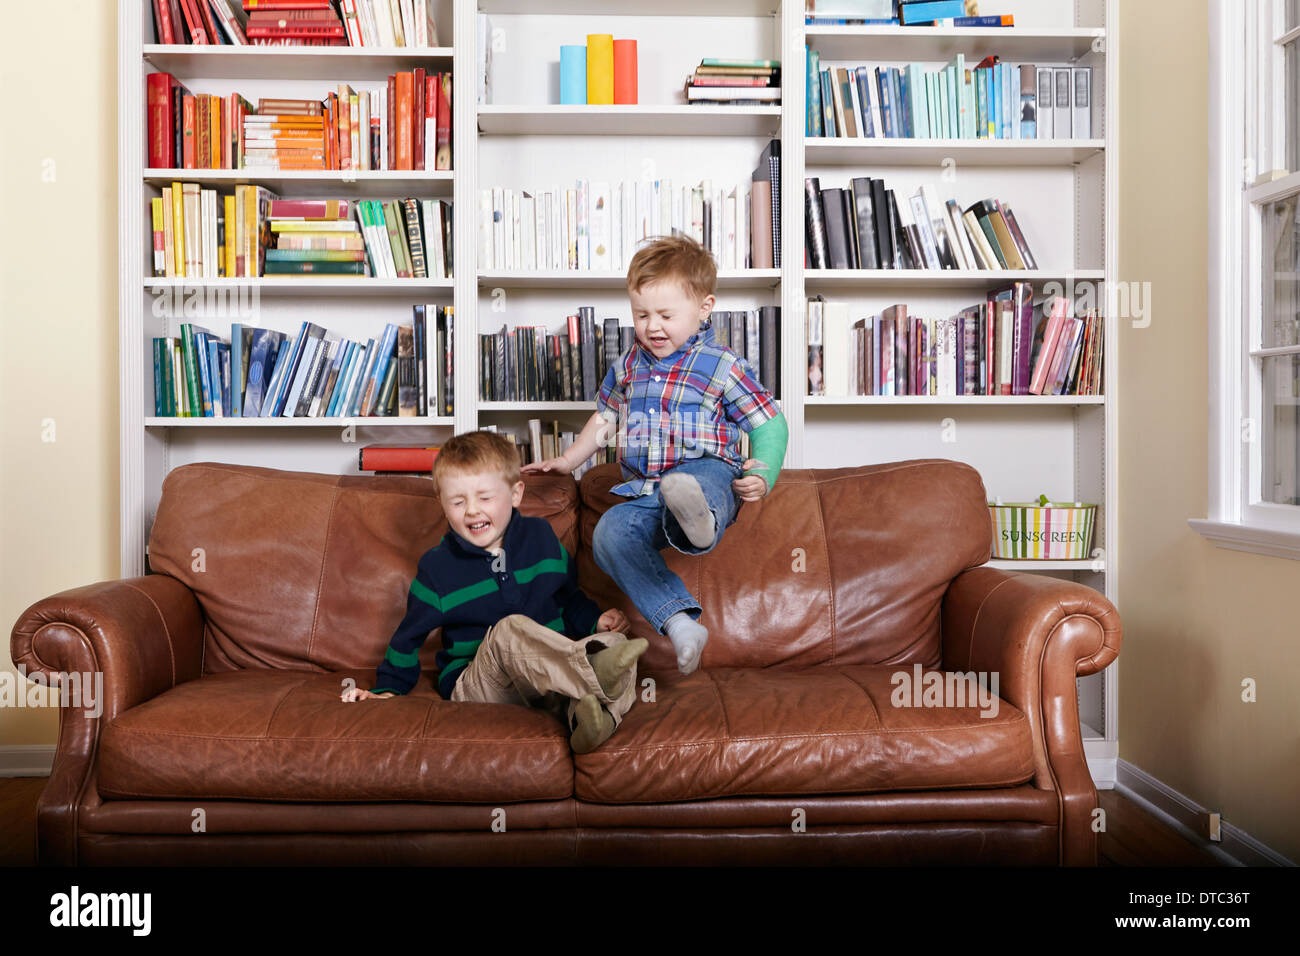 Dos hermanos jóvenes saltando en el sofá Imagen De Stock